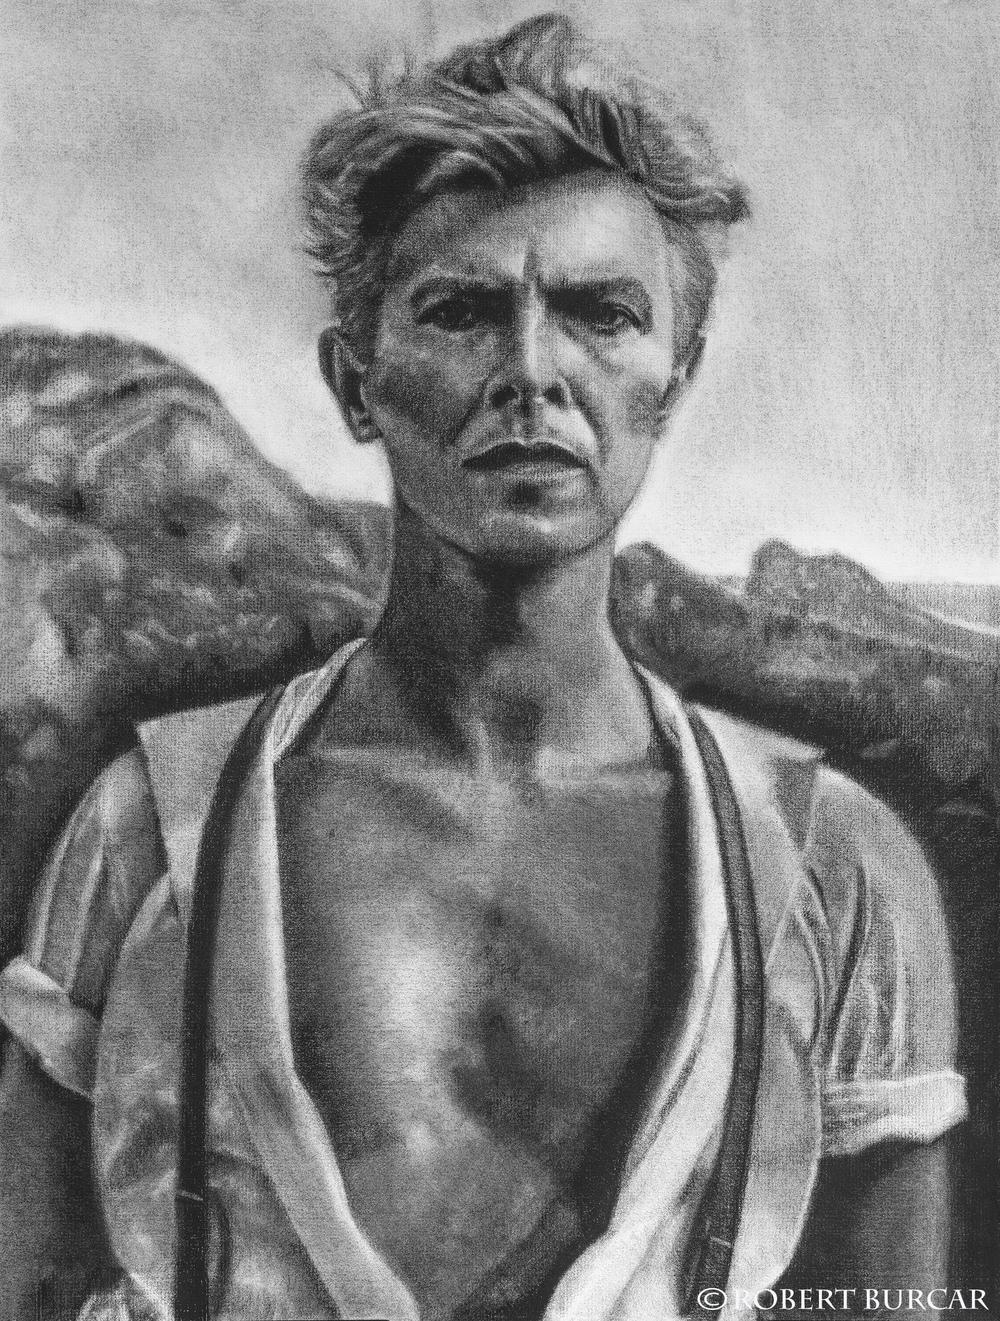 David Bowie 1947-2016.jpg